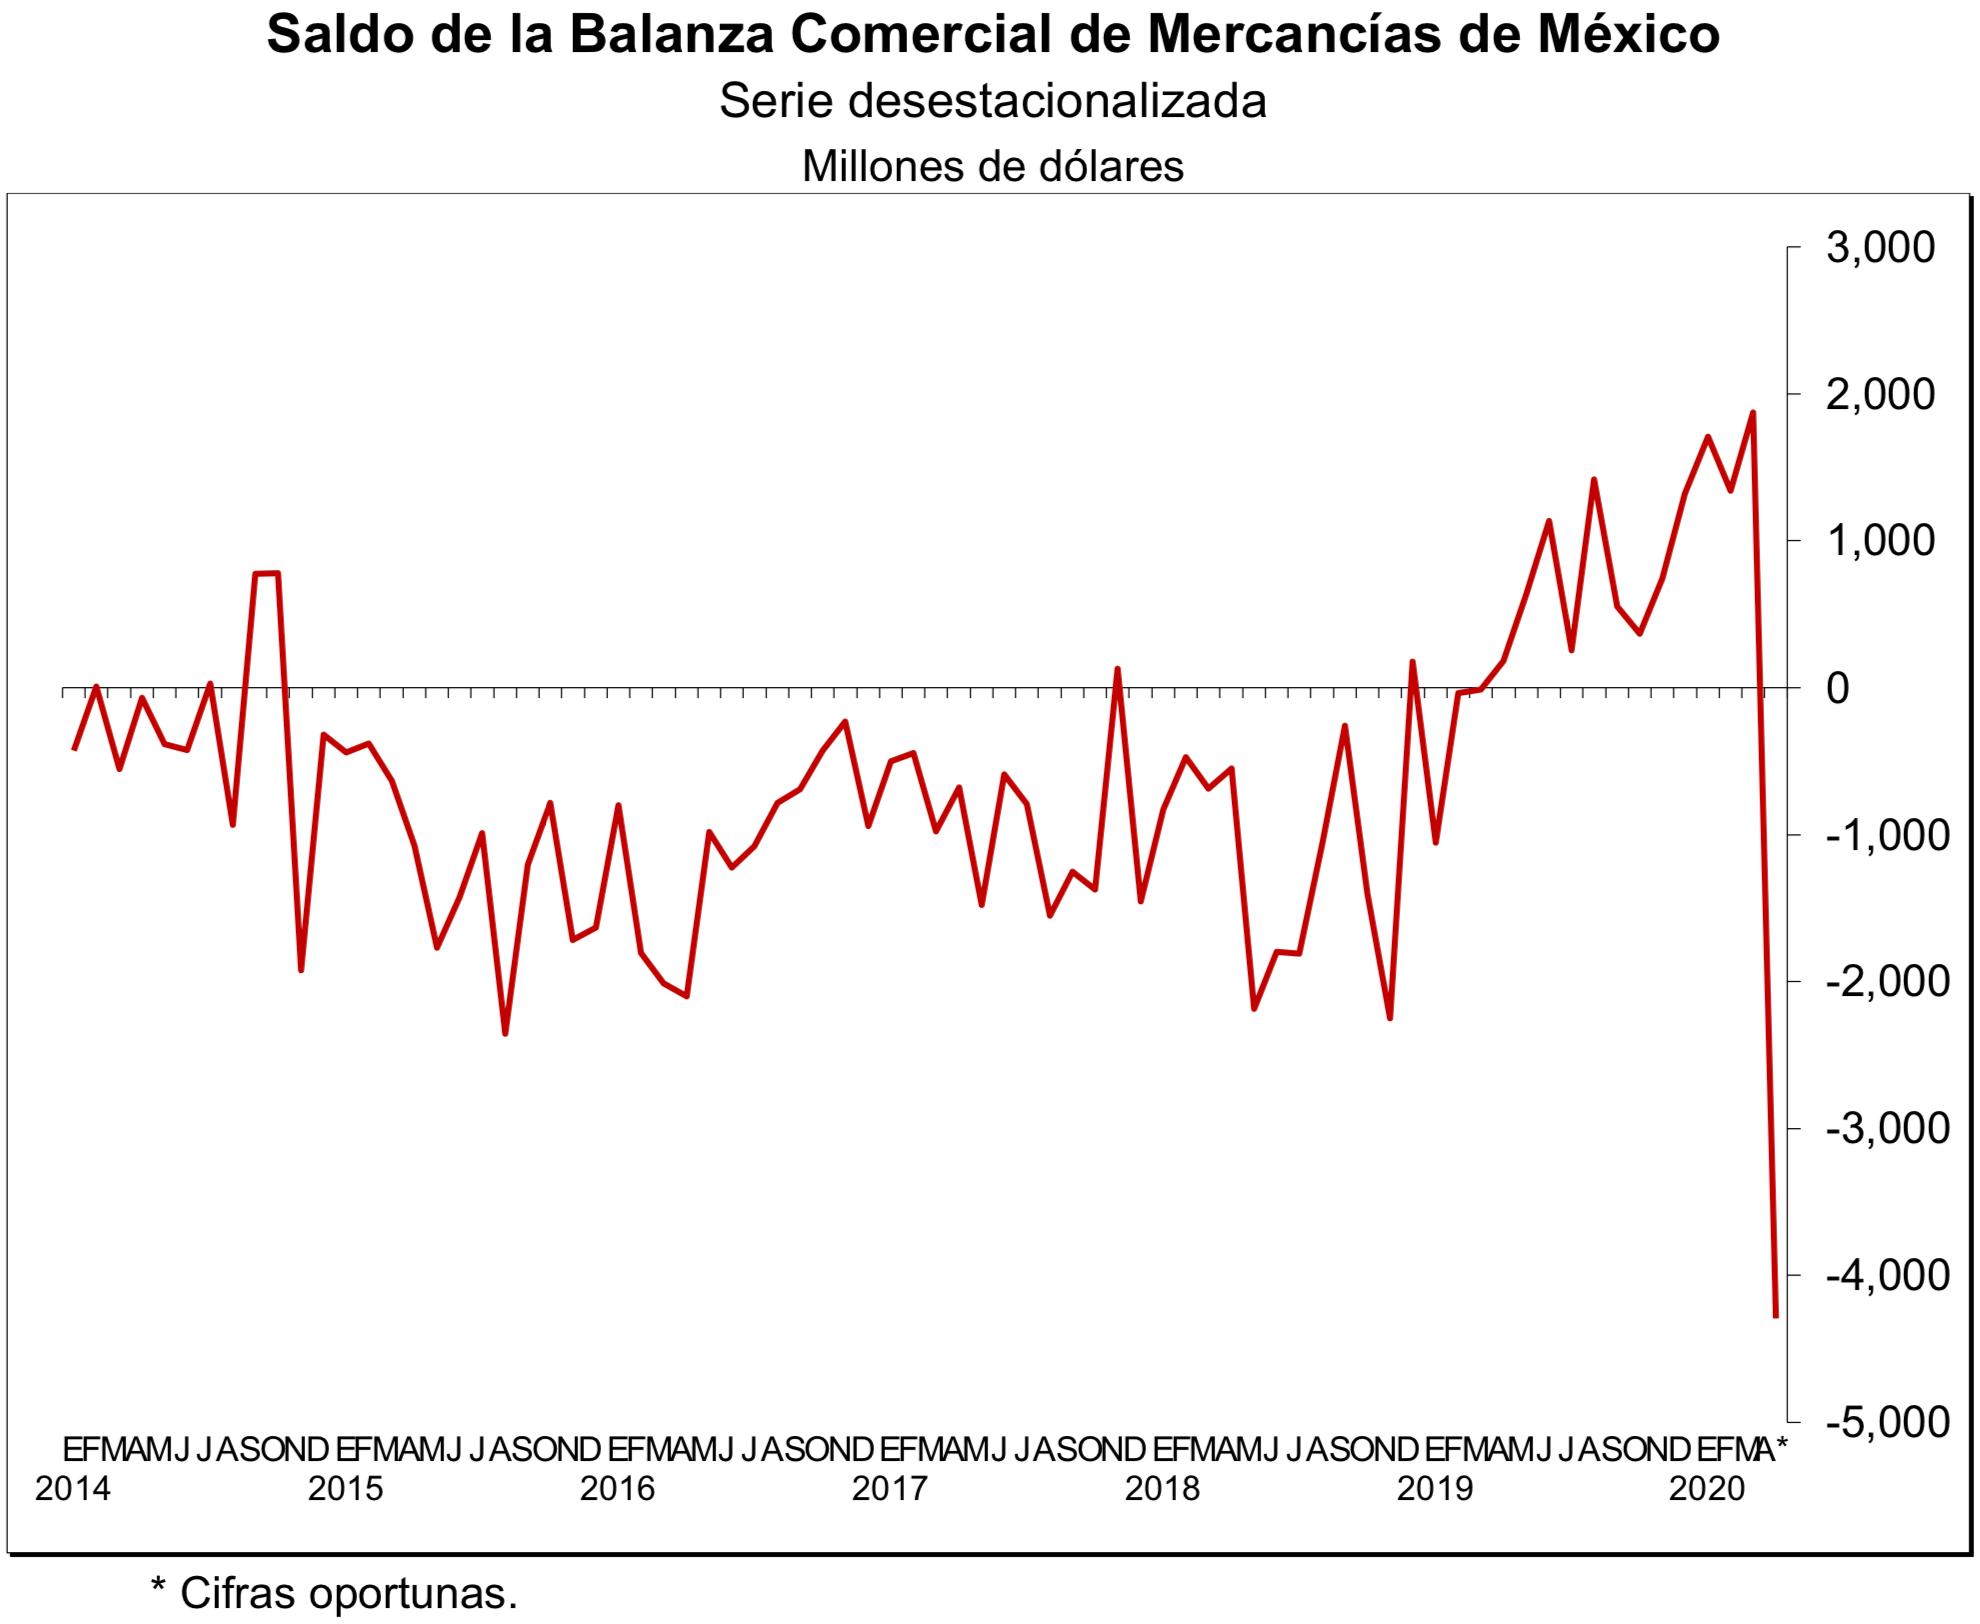 Saldo de la Balanza Comercial de Mercancías de México. Datos de INEGI.